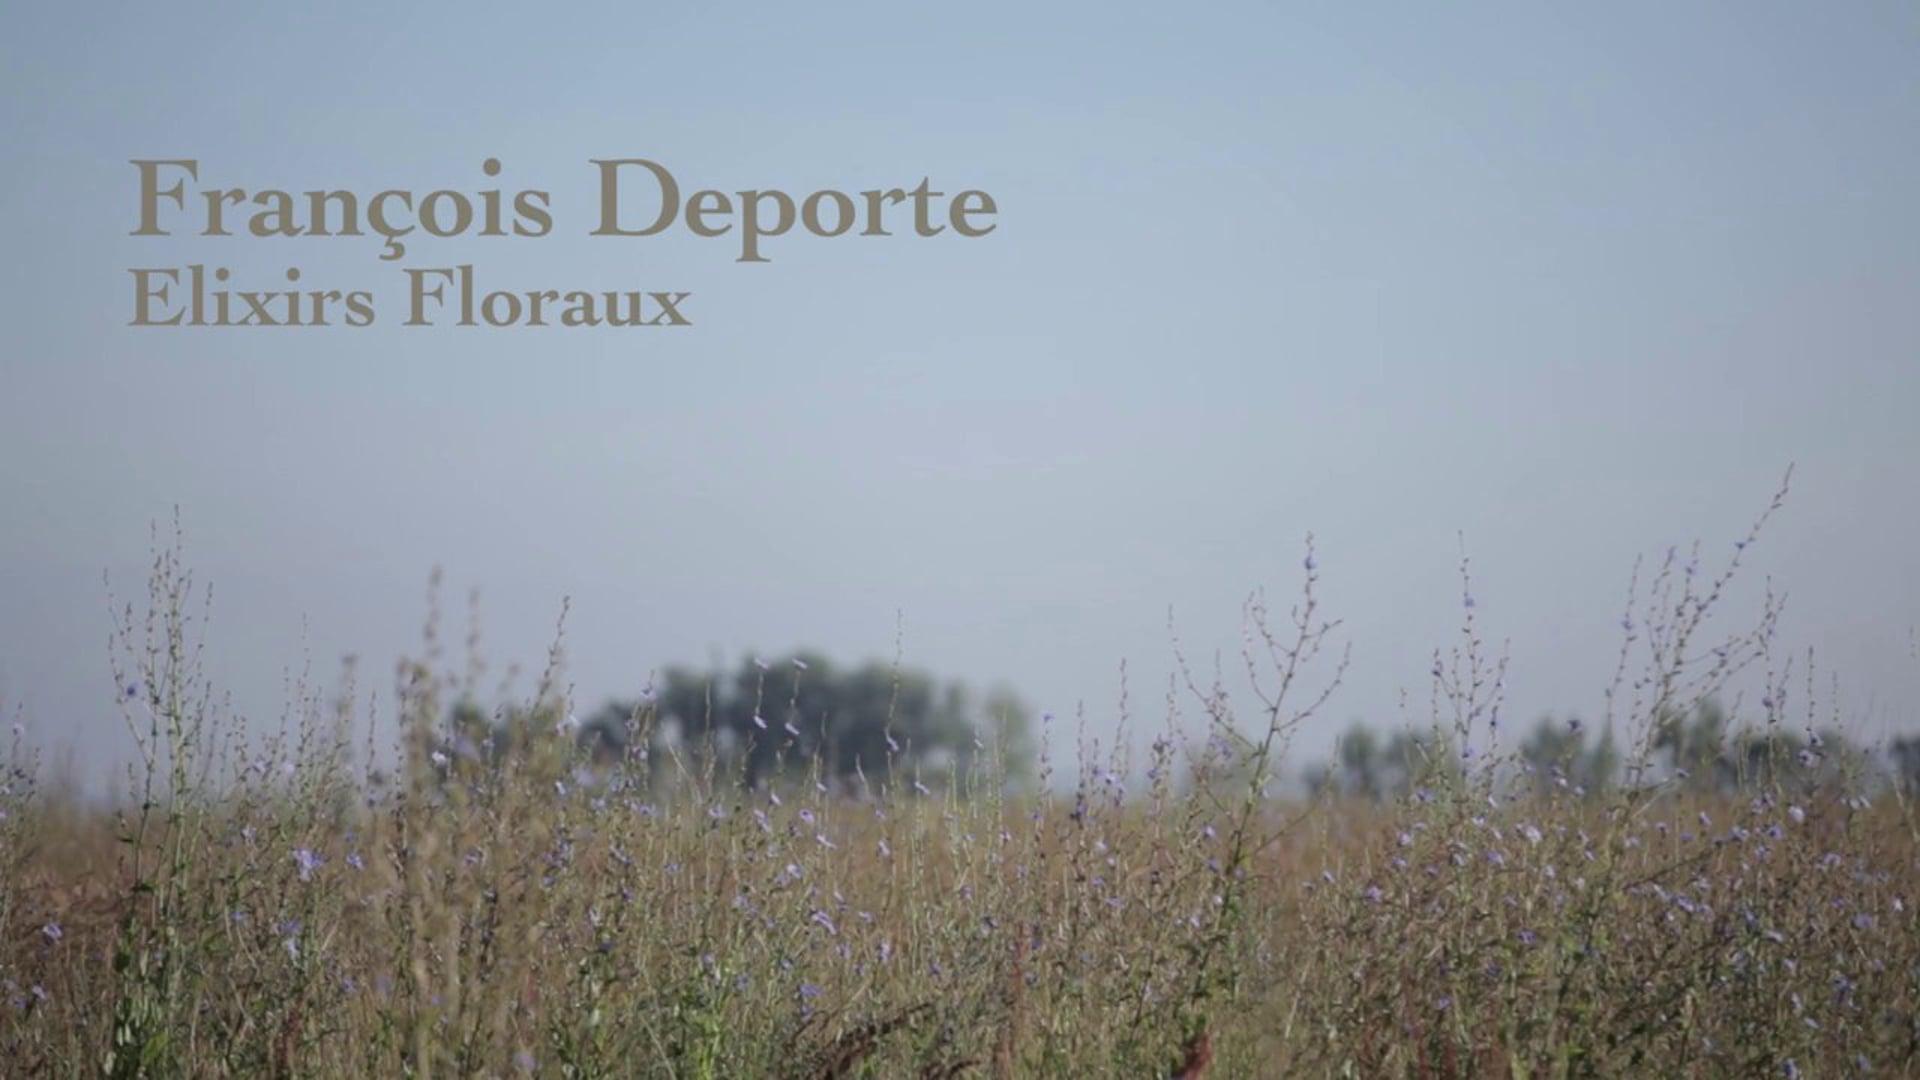 François Deporte {Elixirs Floraux}